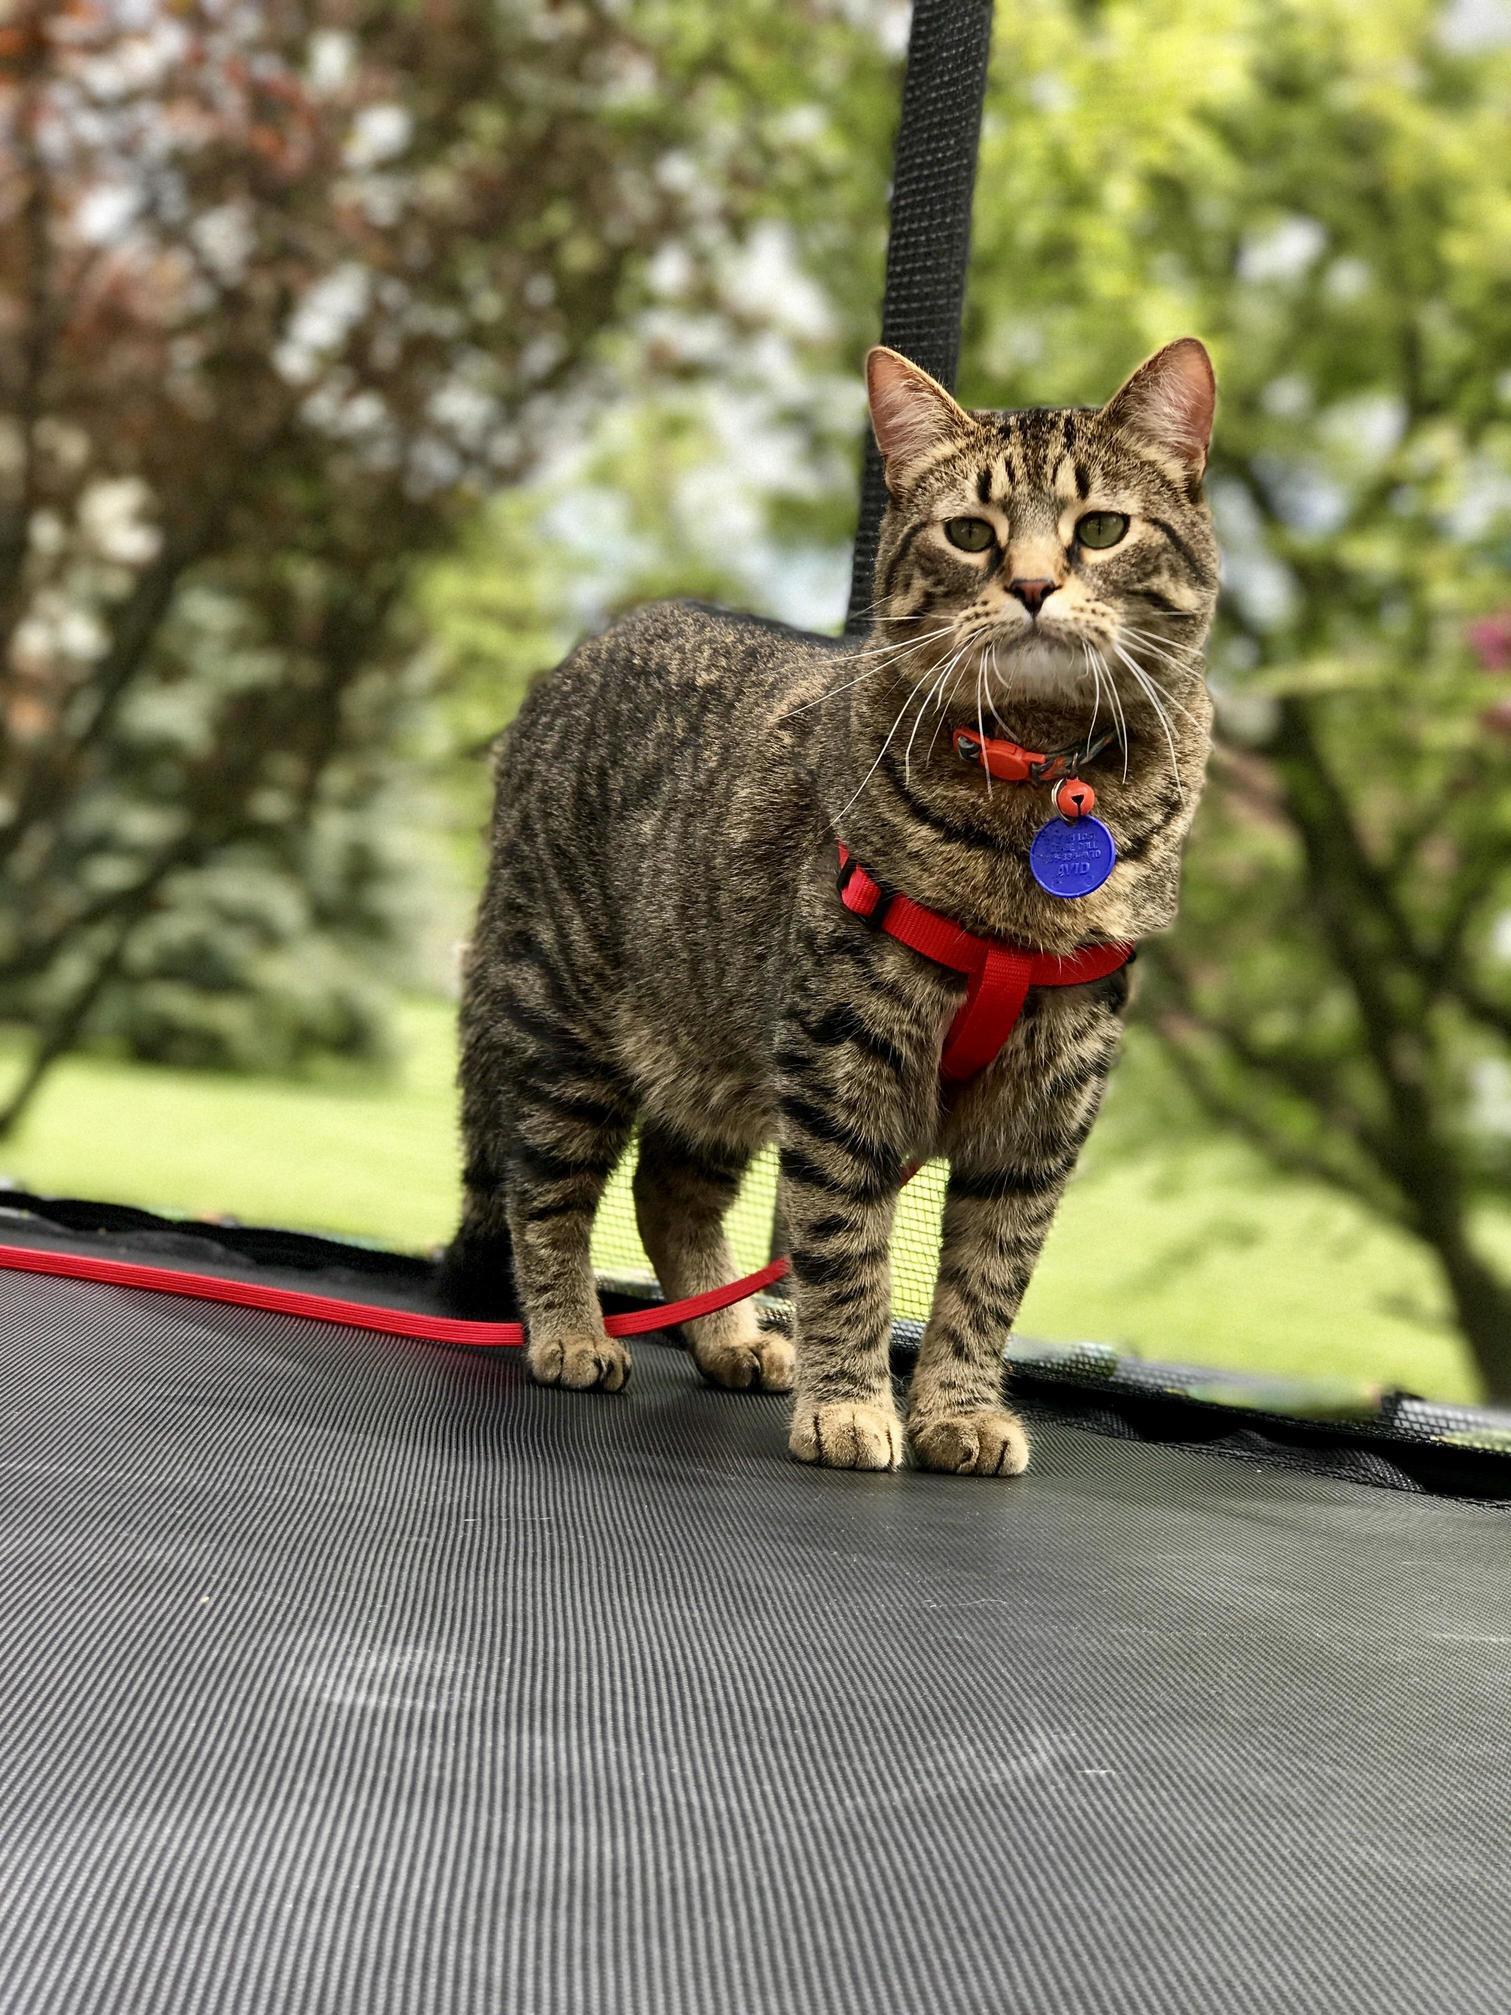 Kitty on a leash